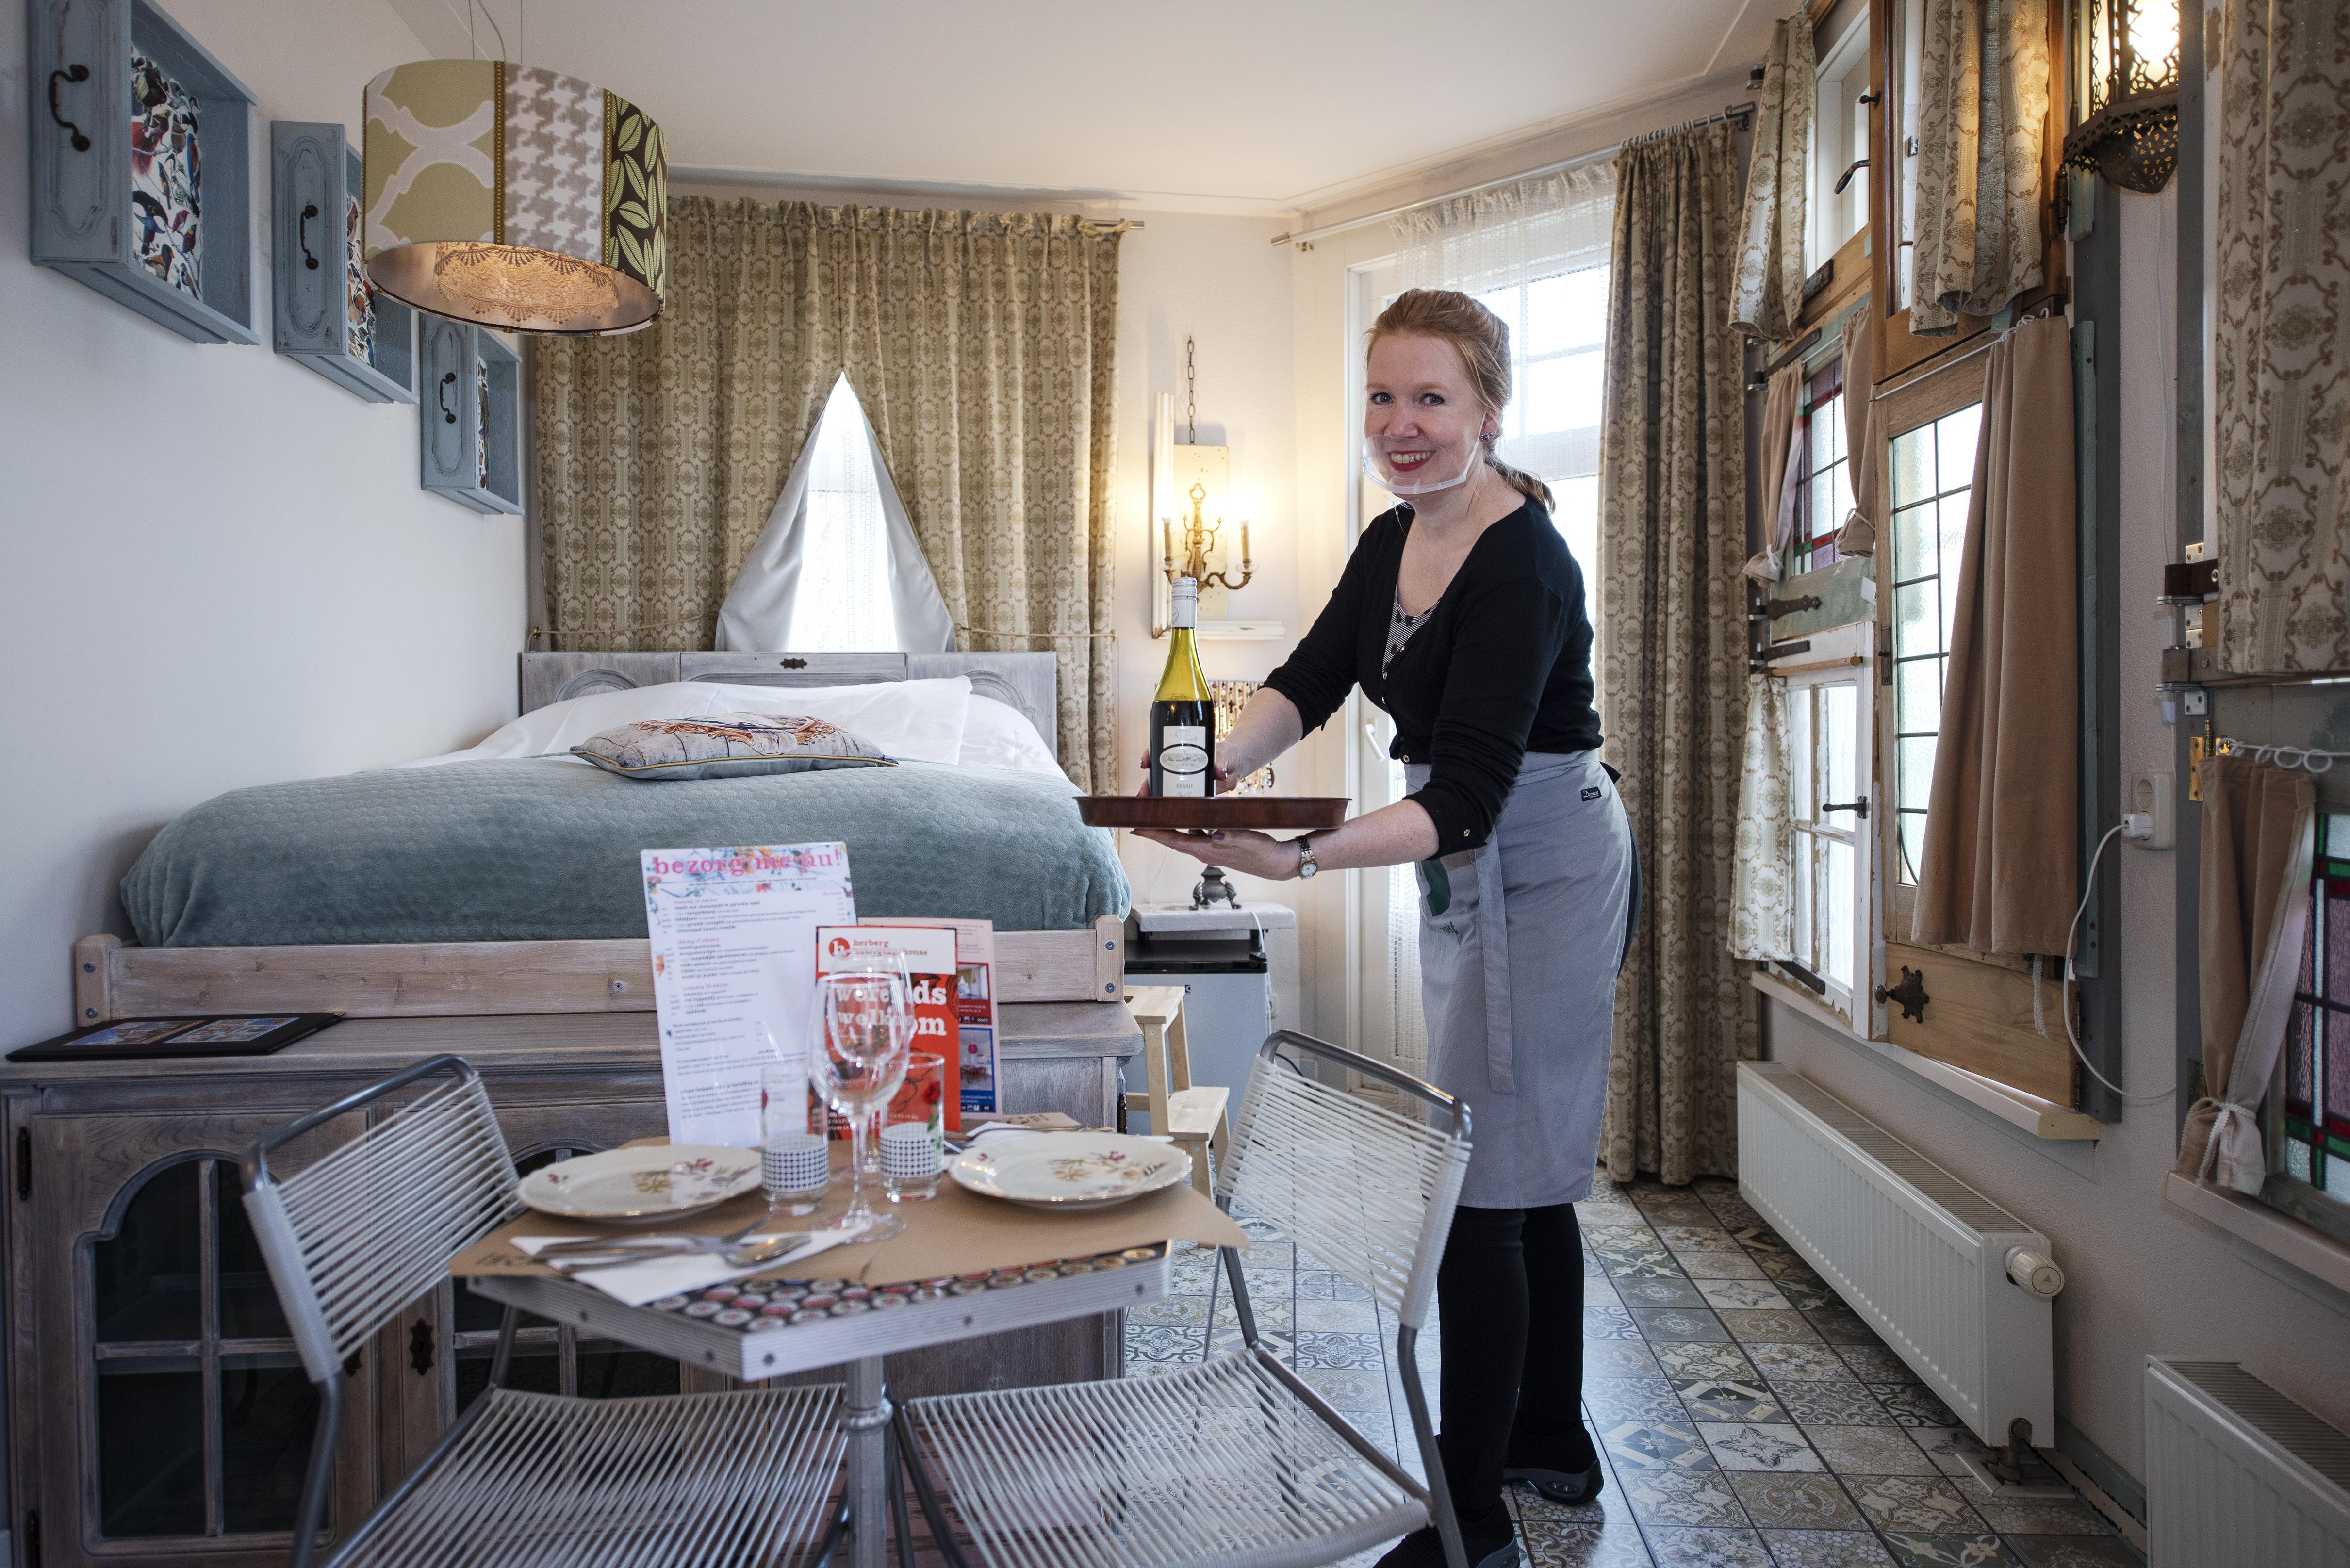 Eetlokaal en herberg Be My Guest bezorgt niet alleen eten, maar indien gewenst zelfs ook een 'thuis'